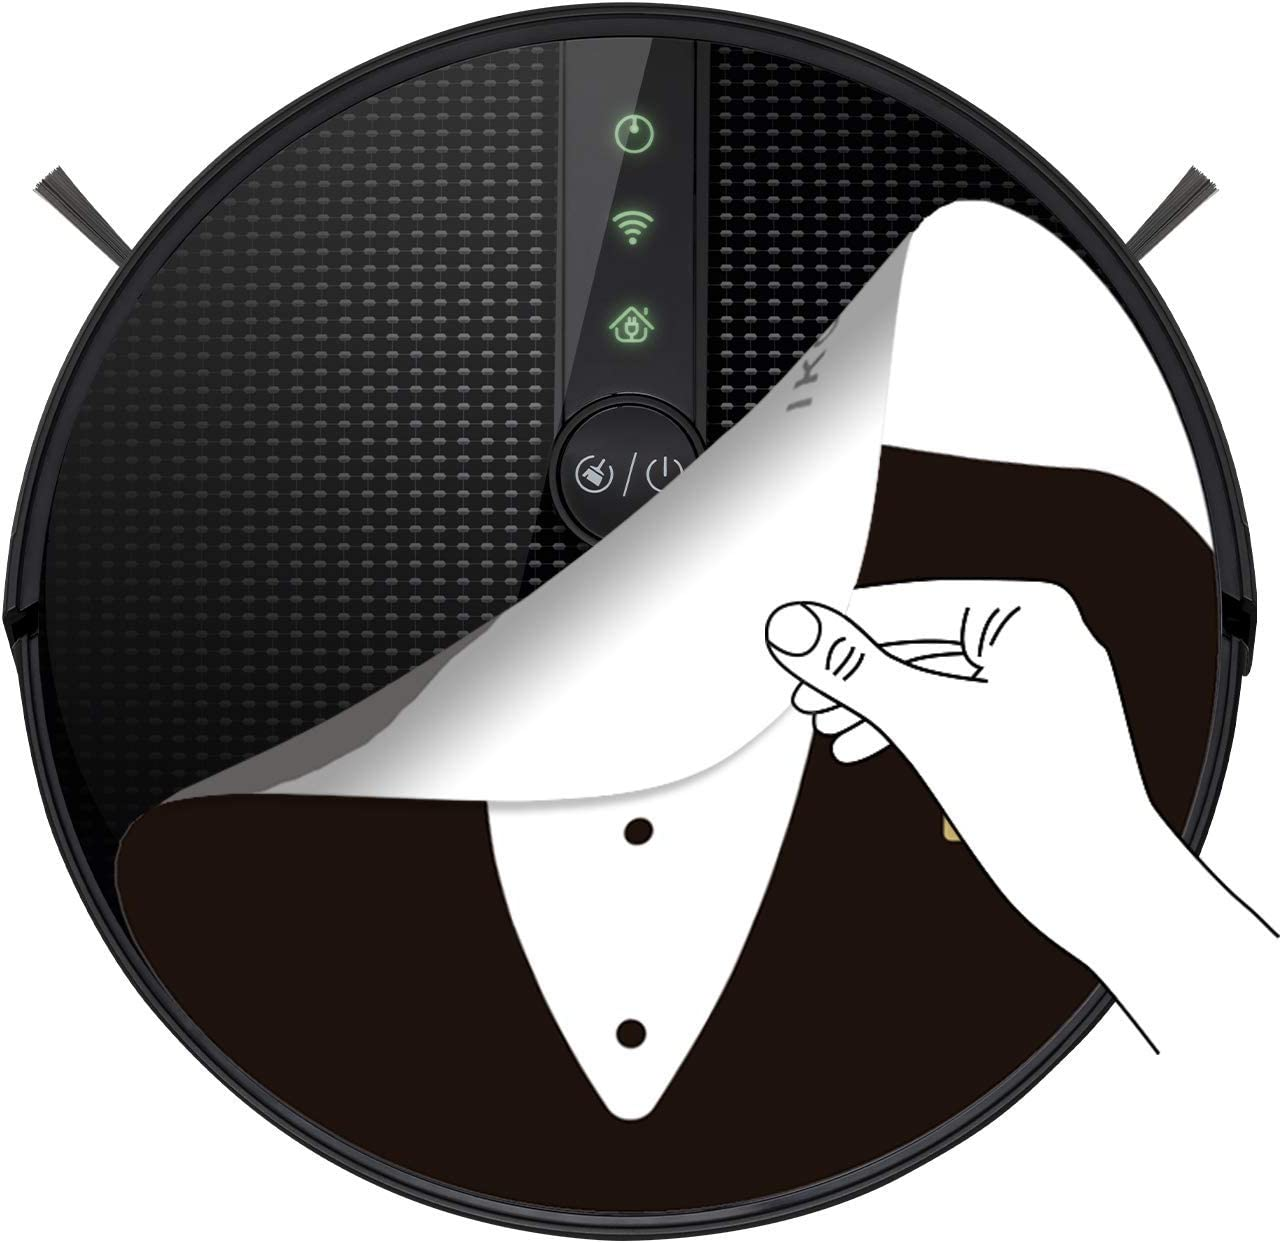 navigazione intelligente con mappatura e app alfred potenza di aspirazione 1800 Pa Robot aspirapolvere 4 in 1 sensori anti-collisione e anti-caduta IKOHS NETBOT S18